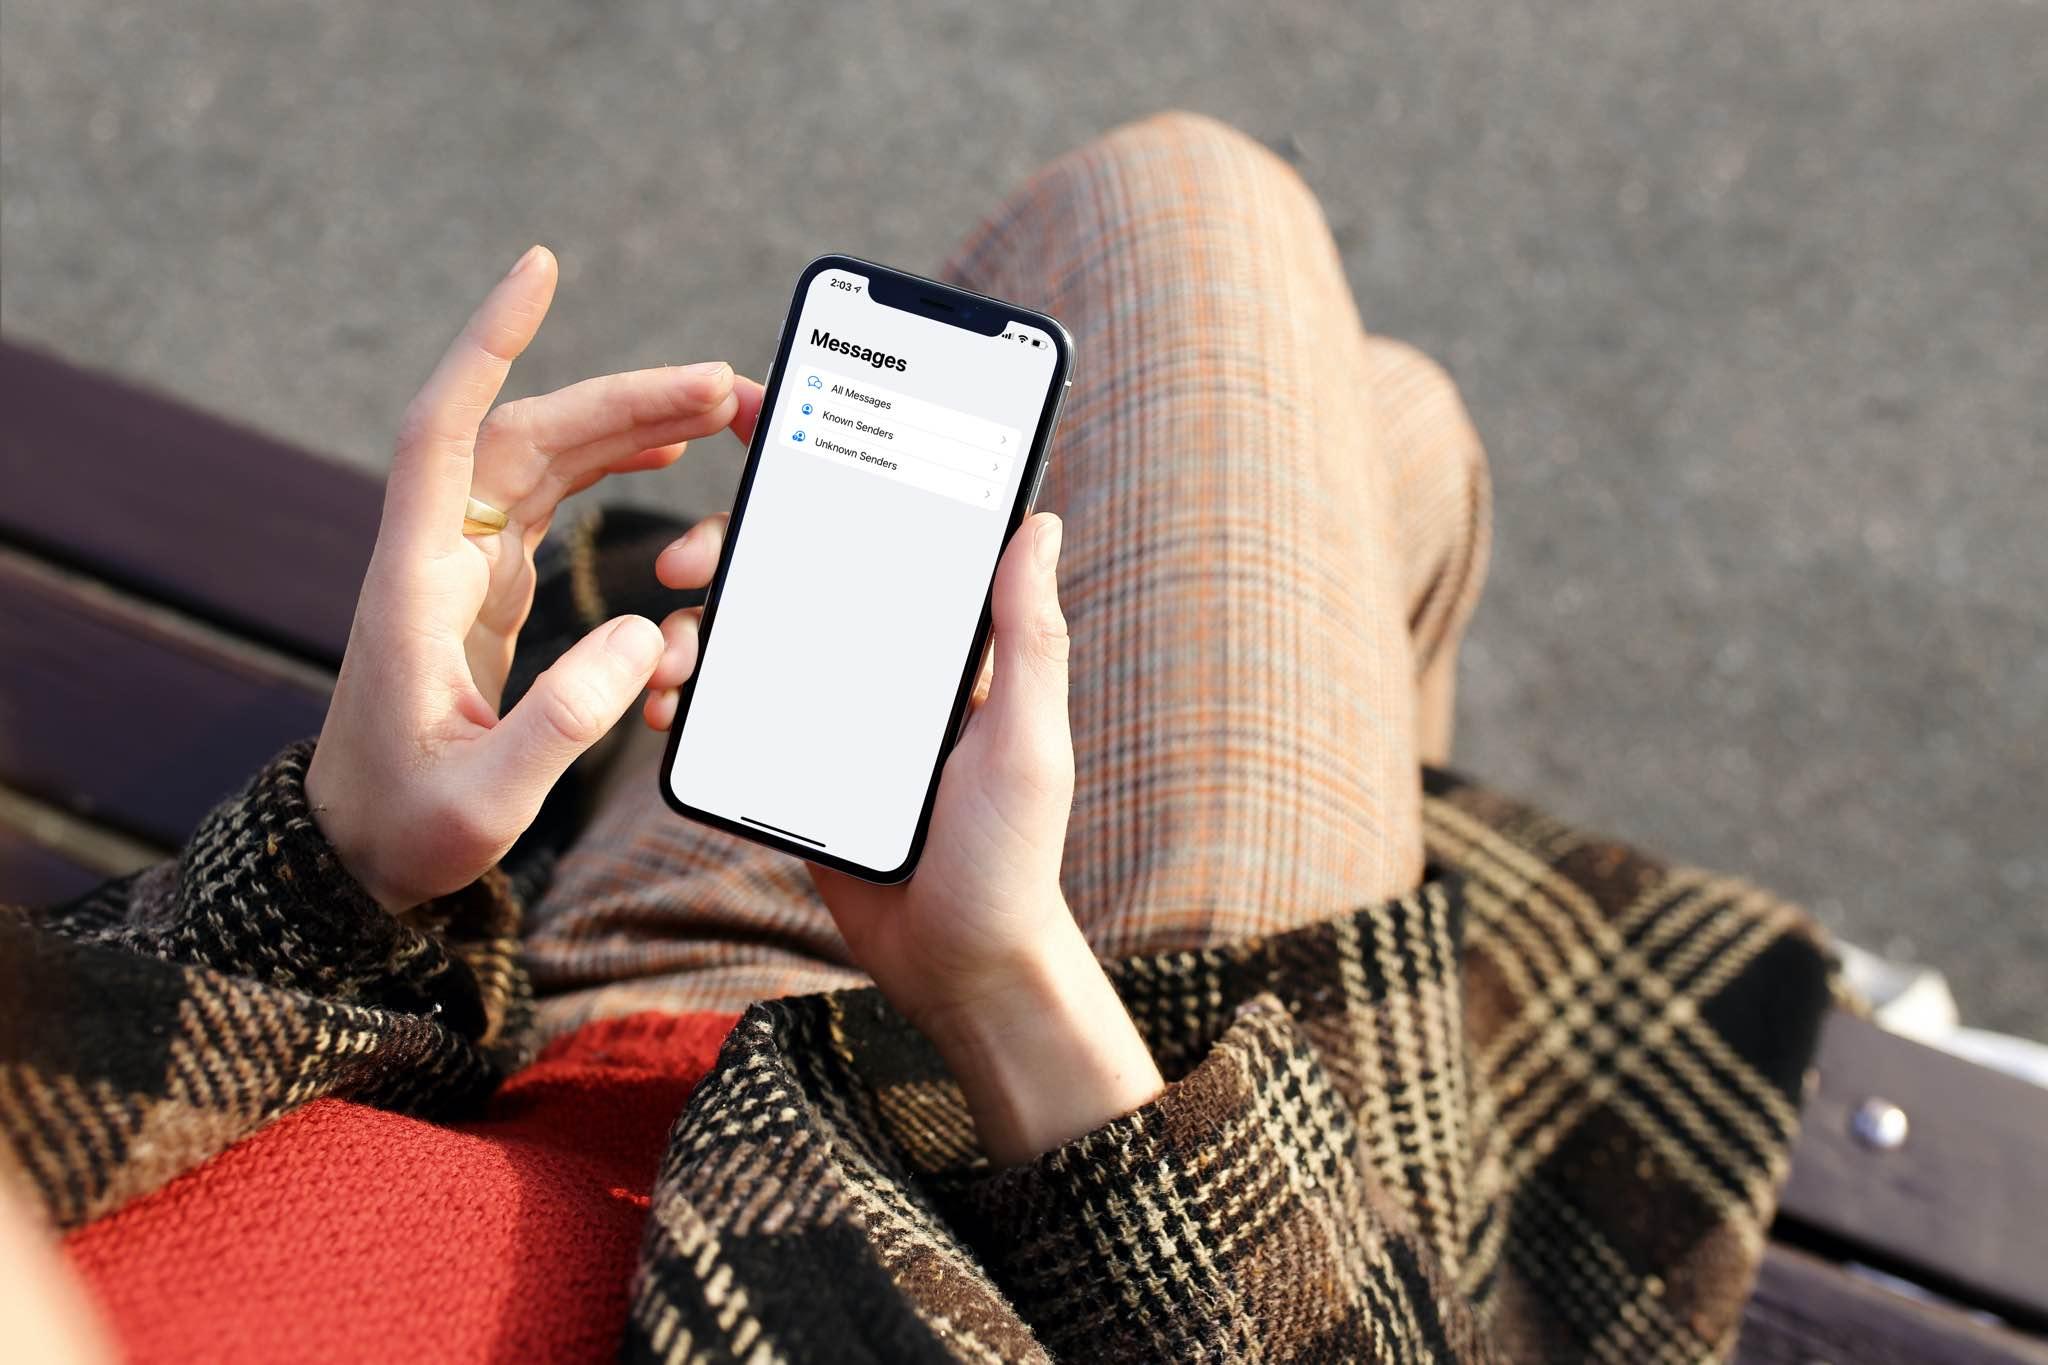 Filtrando mensagens no iOS 14 - Hero Image